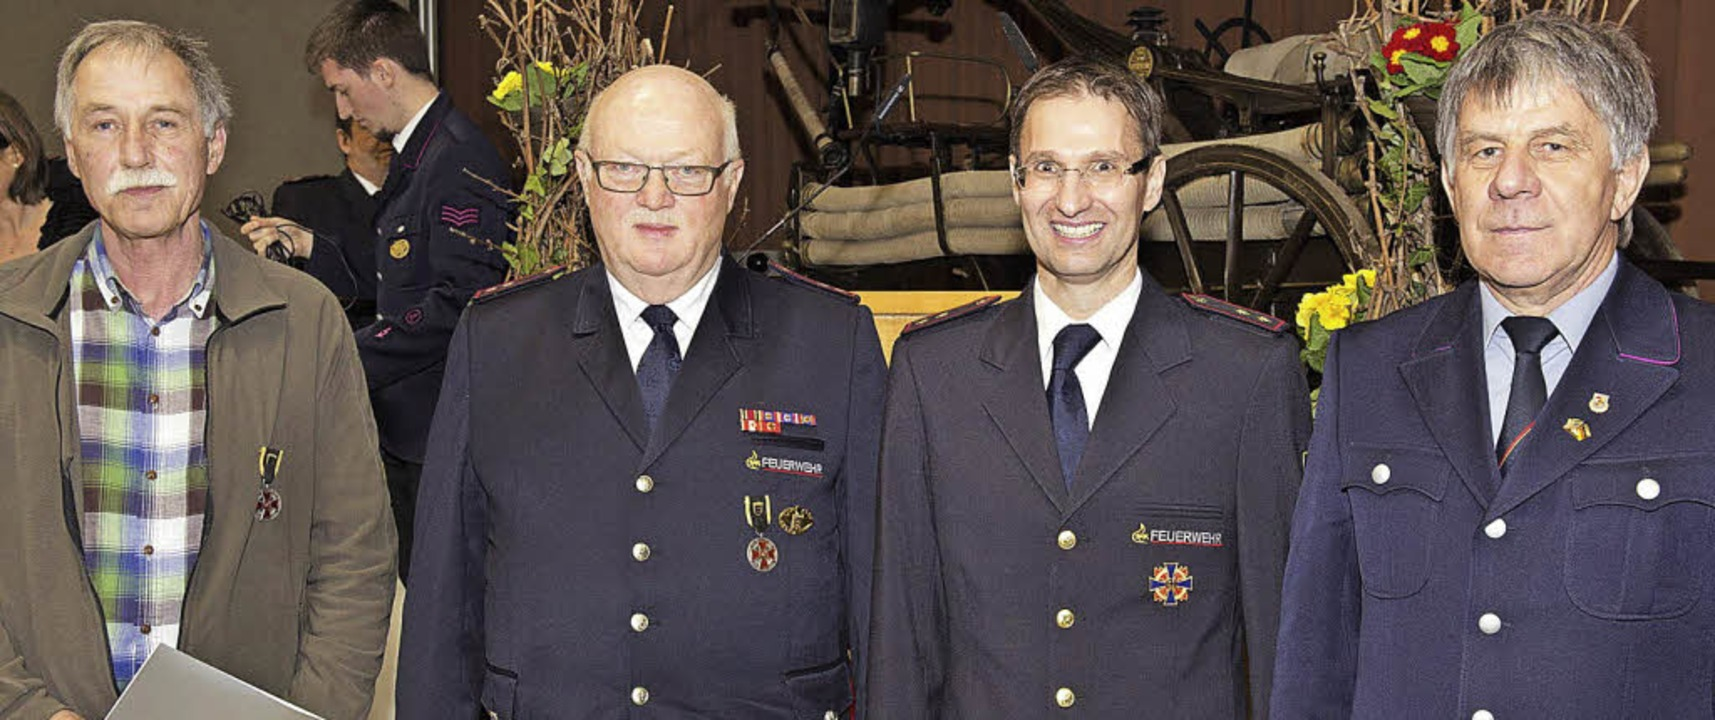 Die silberne Ehrenmedaille des Landesw... Karlheinz Müller geehrt (von links).   | Foto: Münch